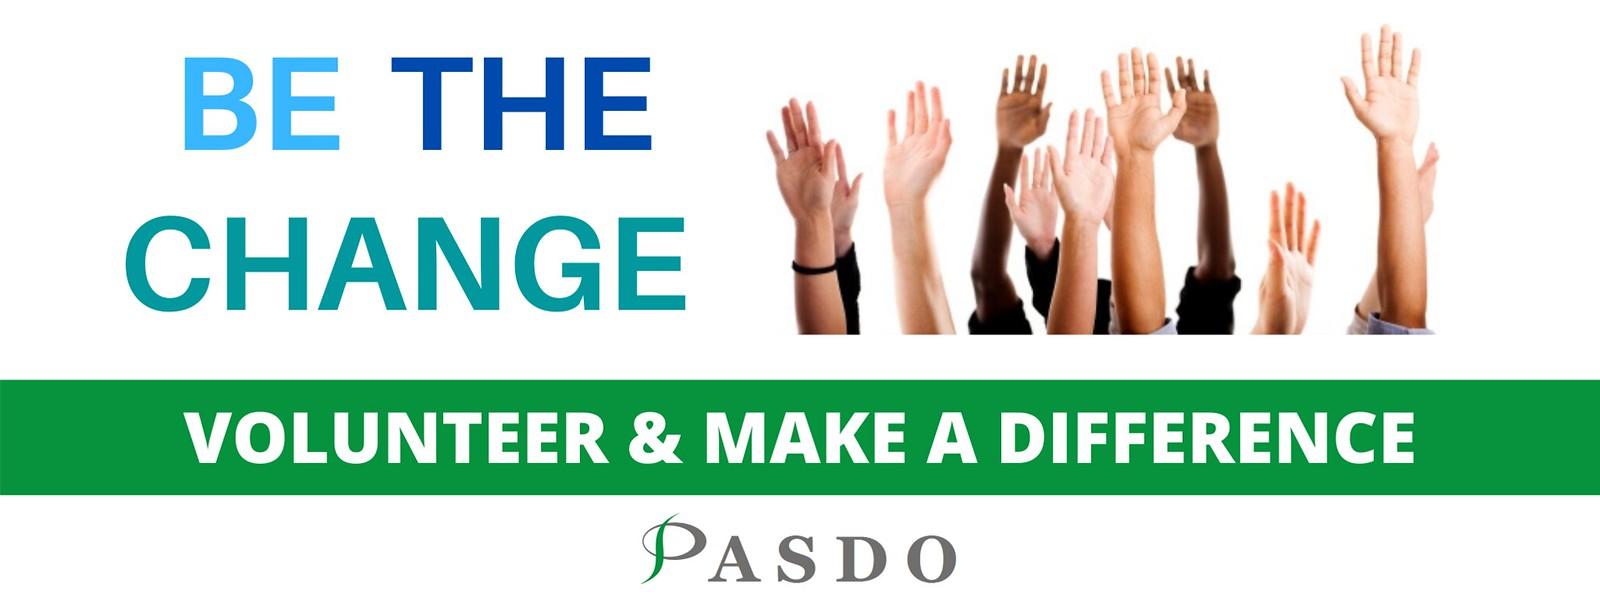 VOLUNTEER WITH PASDO ONSITE OR ONLINE | NIGERIA | AFRICA | GLOBAL